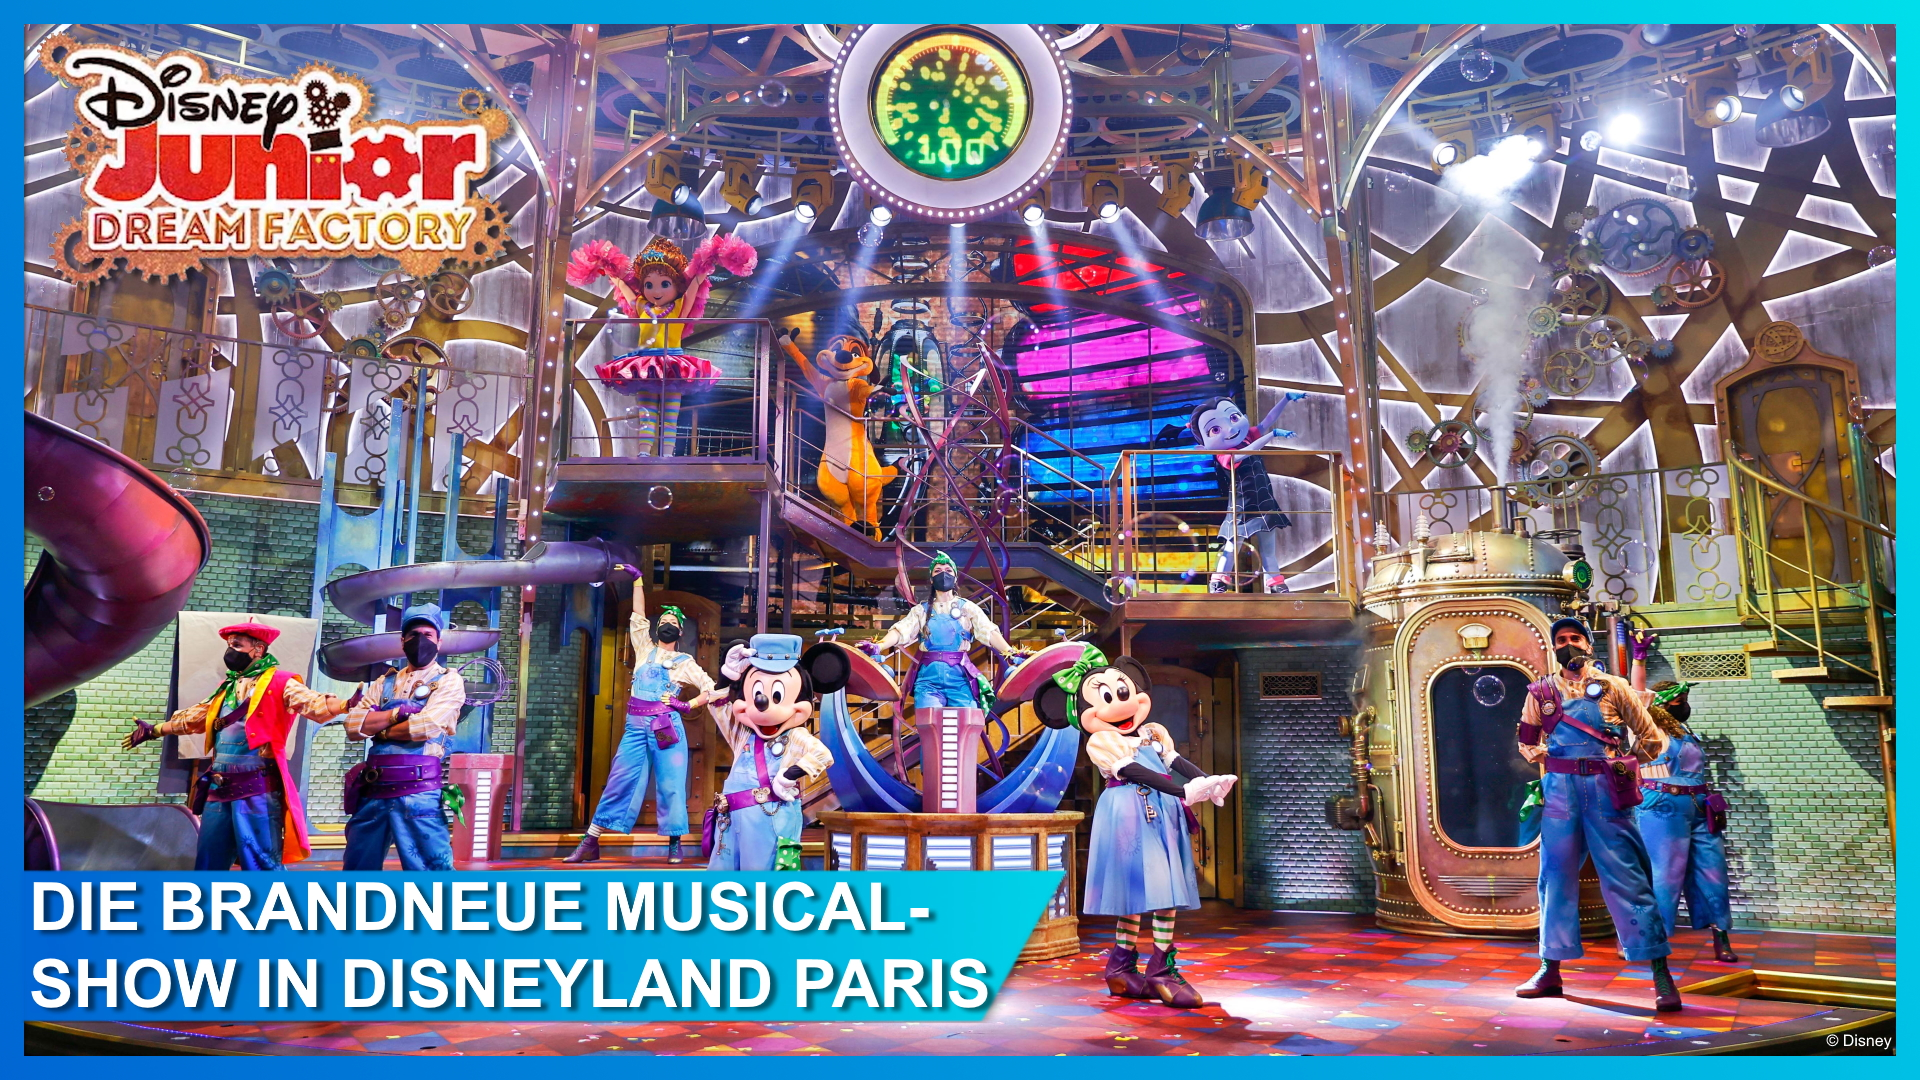 Disney Junior Dream Factory in Disneyland Paris